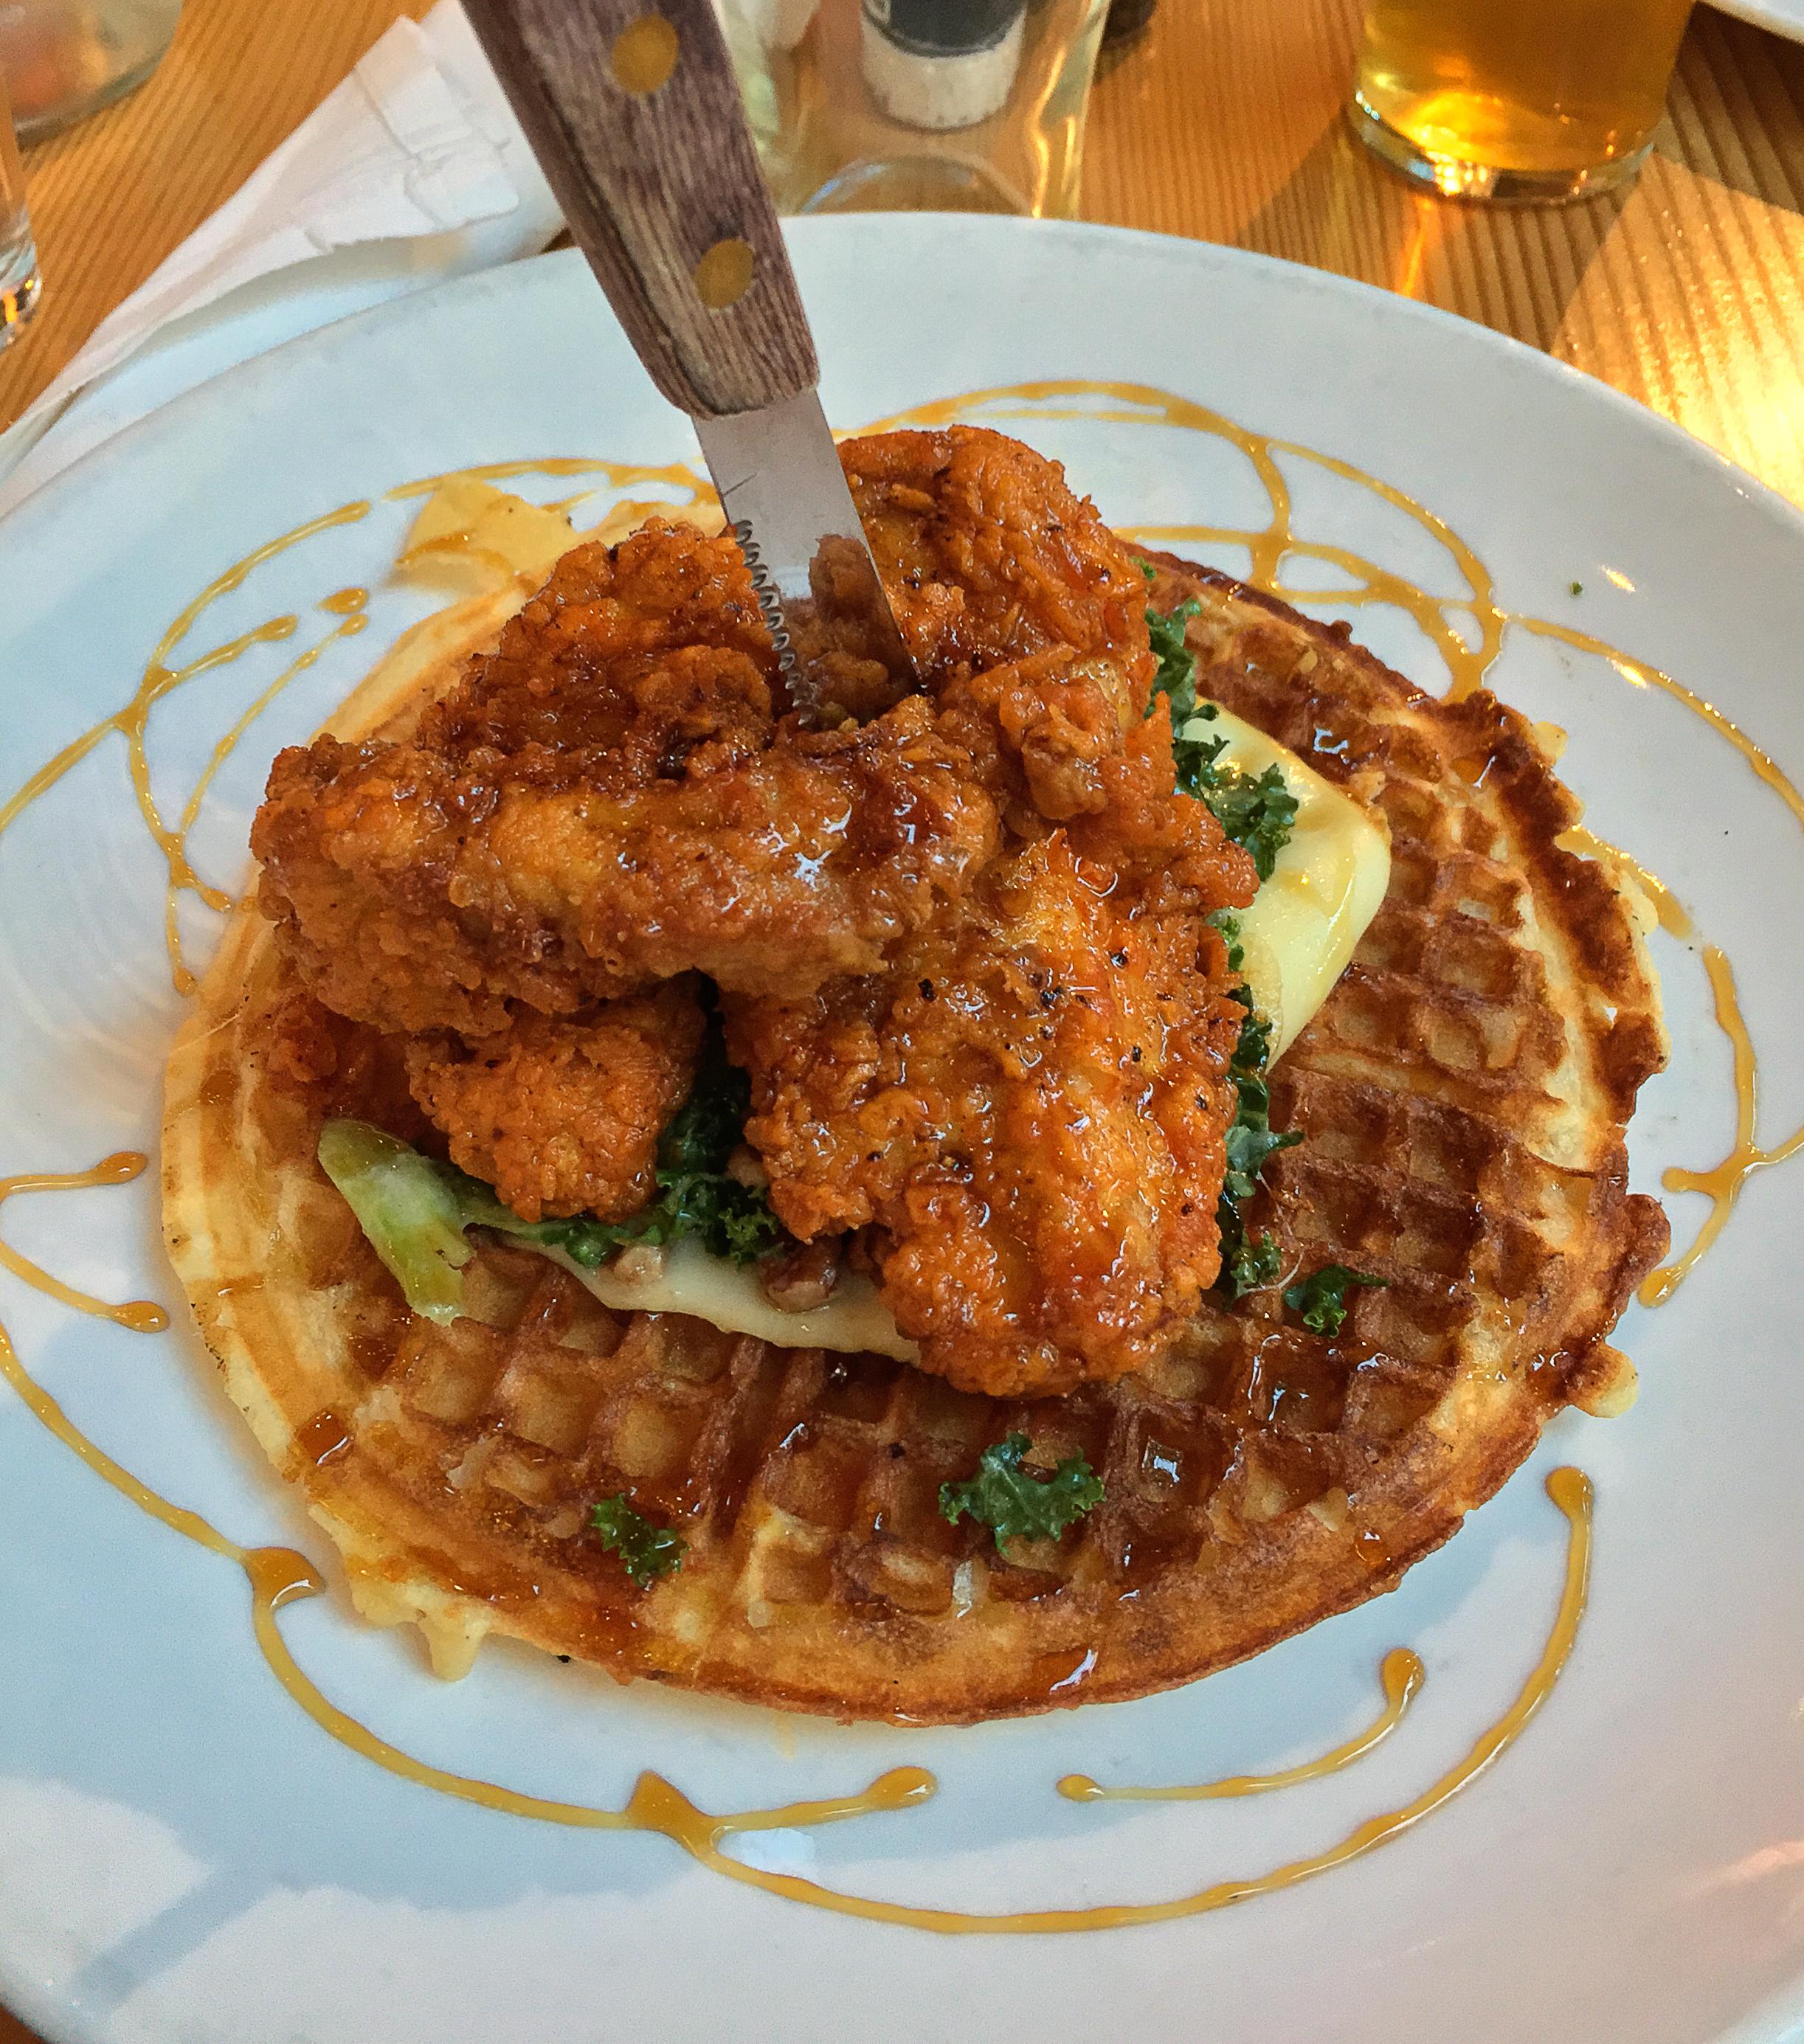 Deschutes Brewery - Spicy Chicken & Waffles